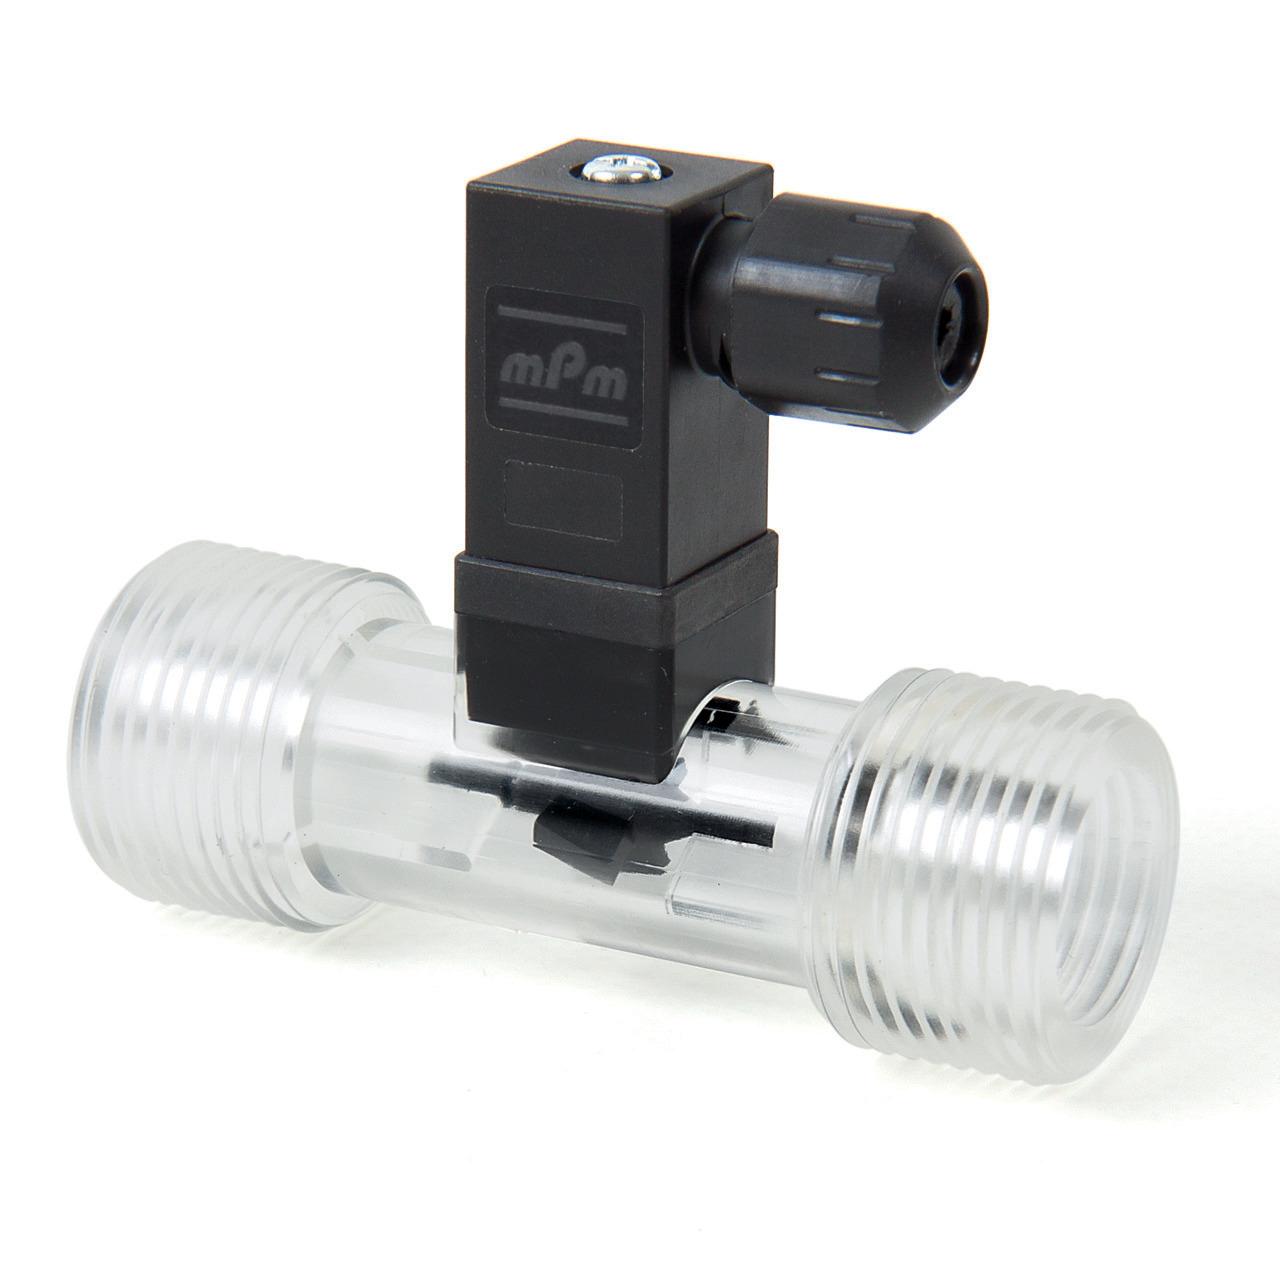 Badger Meter Europa Durchflussmesser (Turbinenzähler) Vision 3012 4F16 für 5 bis 65 l-min- mit DIN Stecker- G3-4